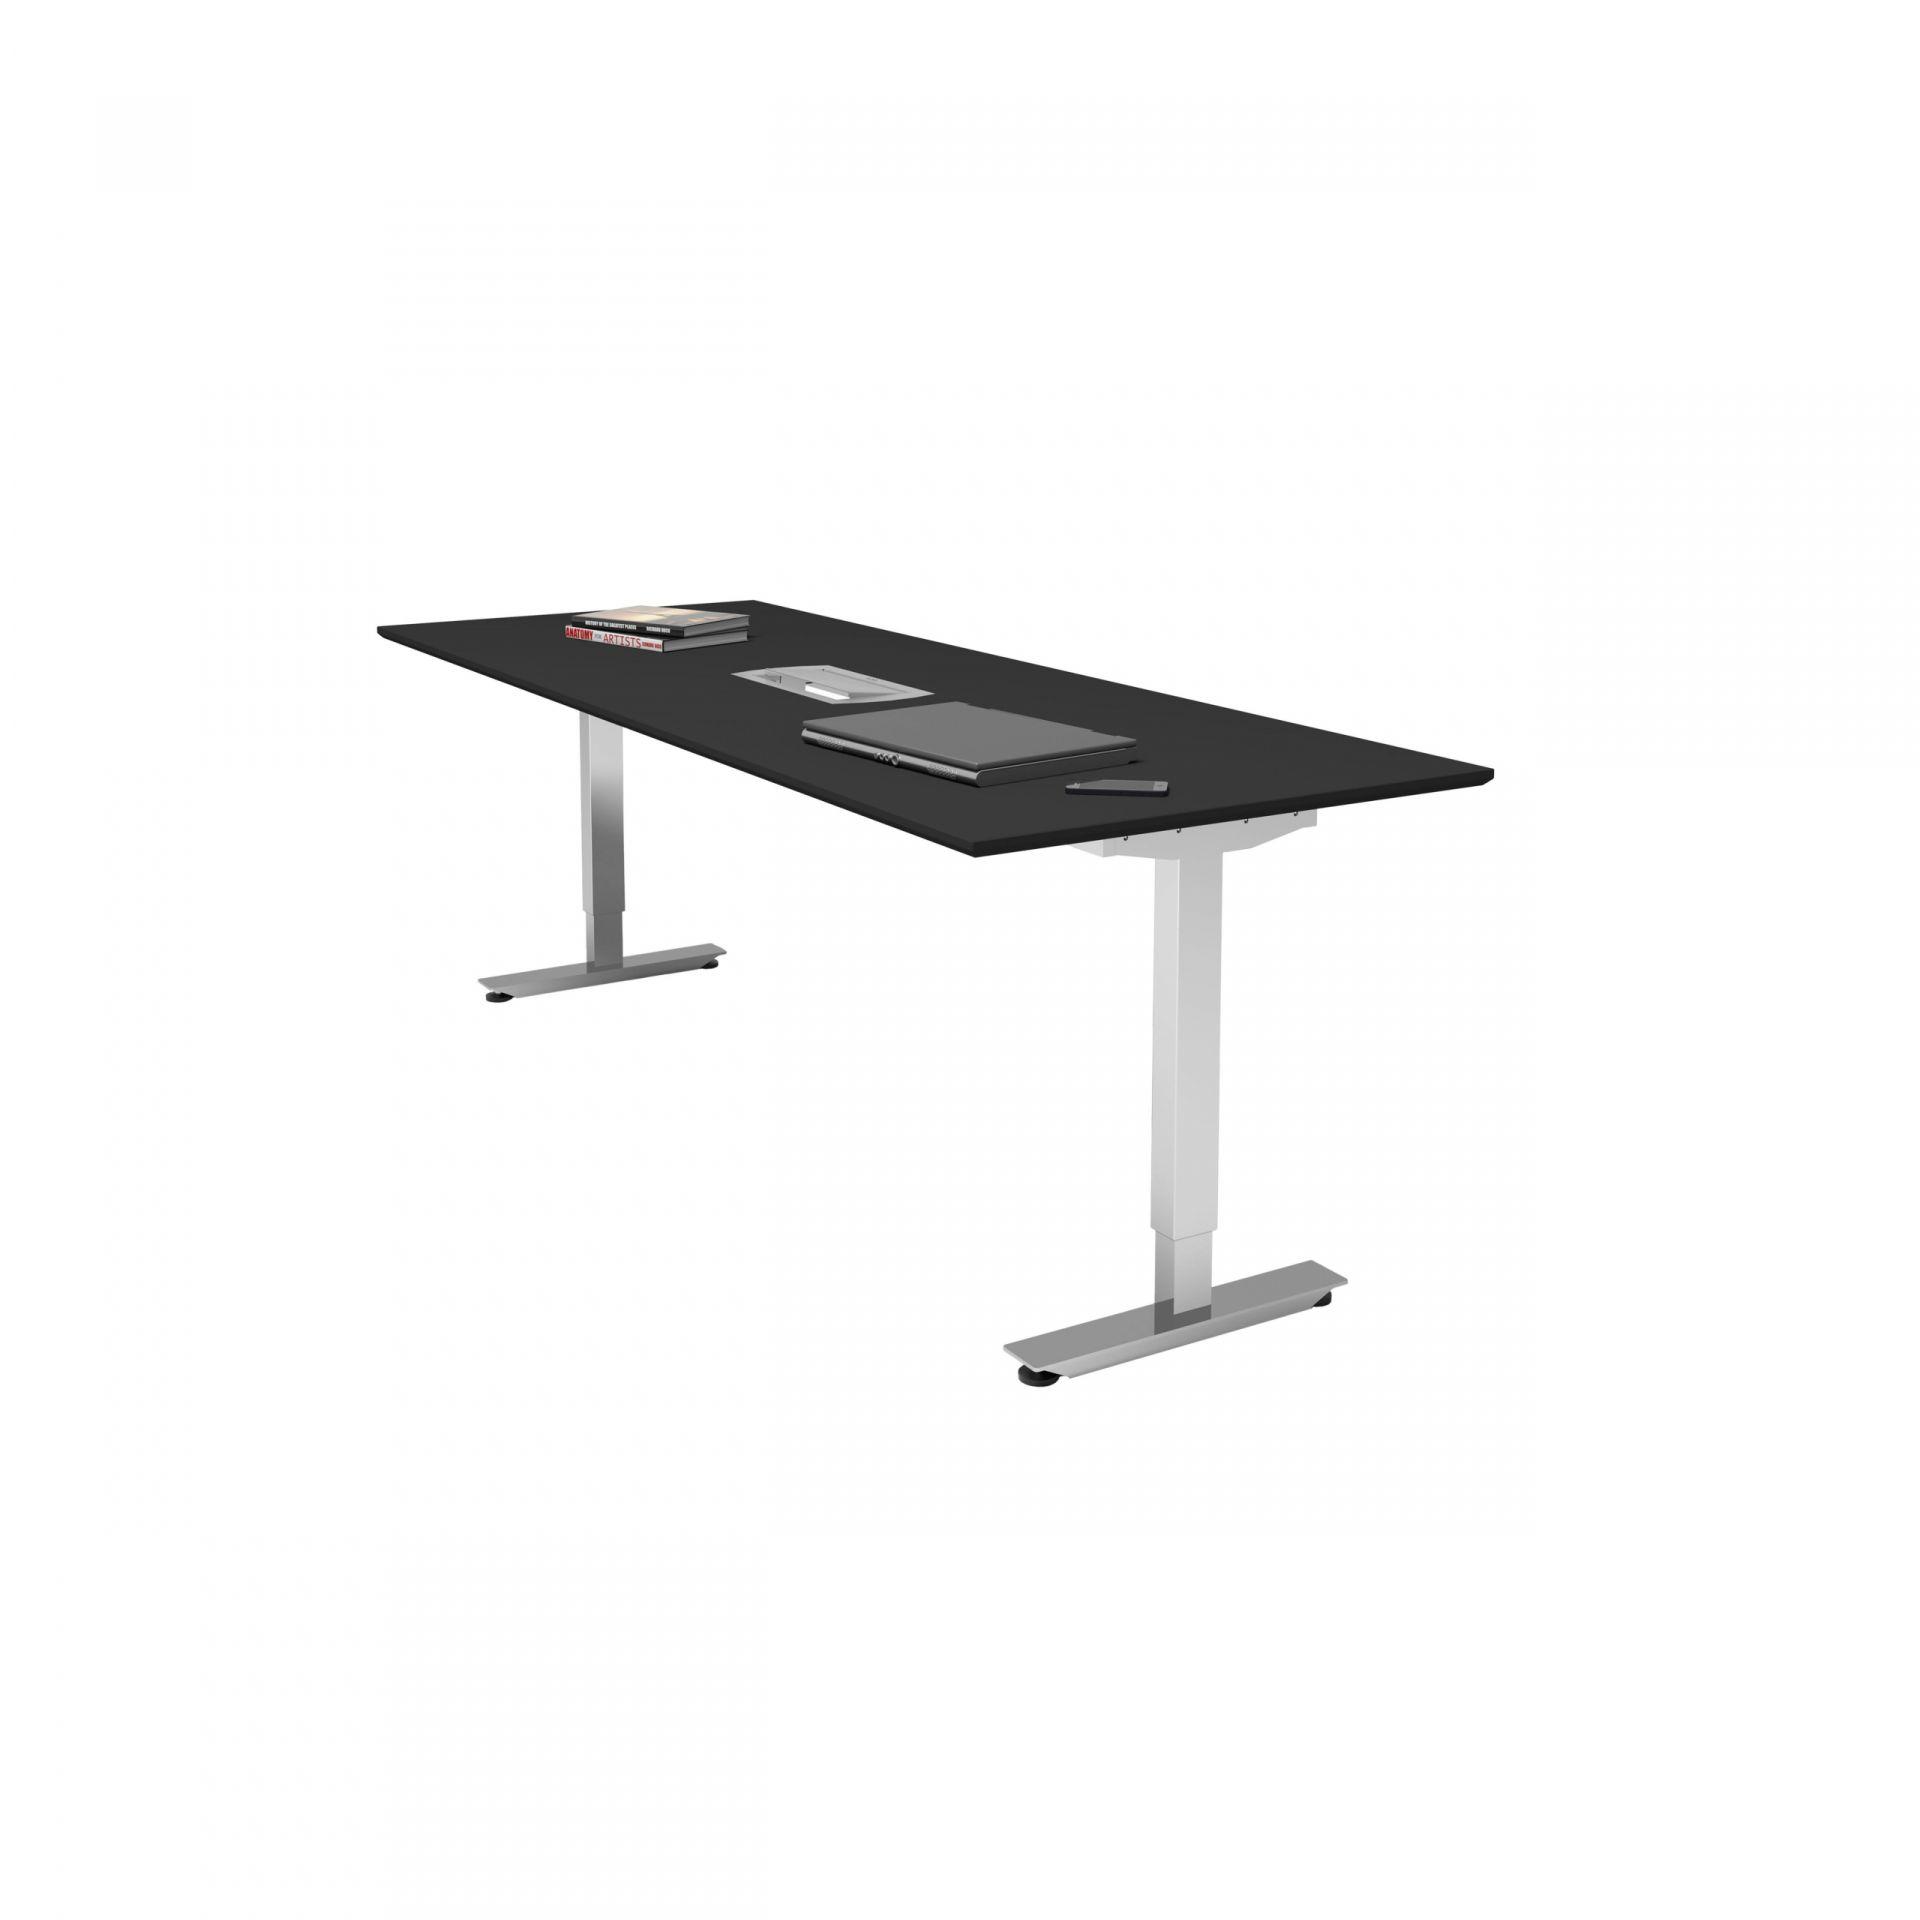 Izi Effect Skrivbord / mötesbord produktbild 2